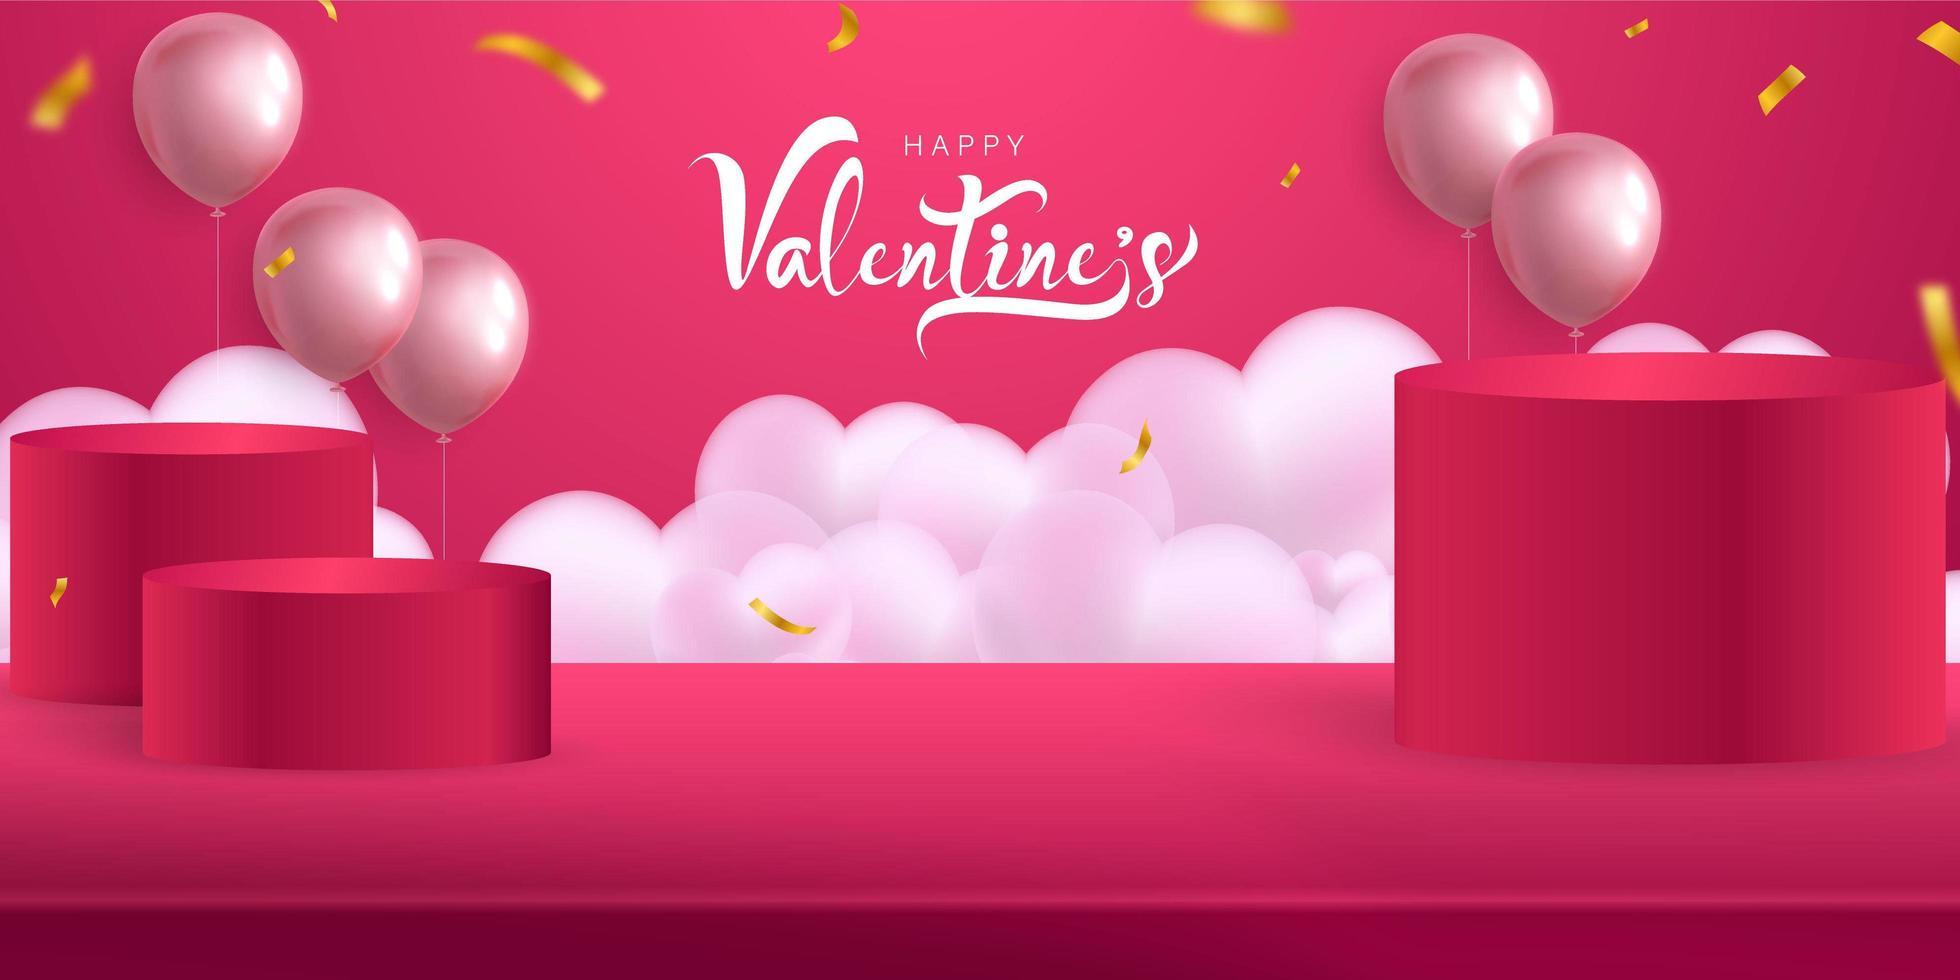 Alla hjärtans dag, banner mockup mall med podier och ballonger vektor